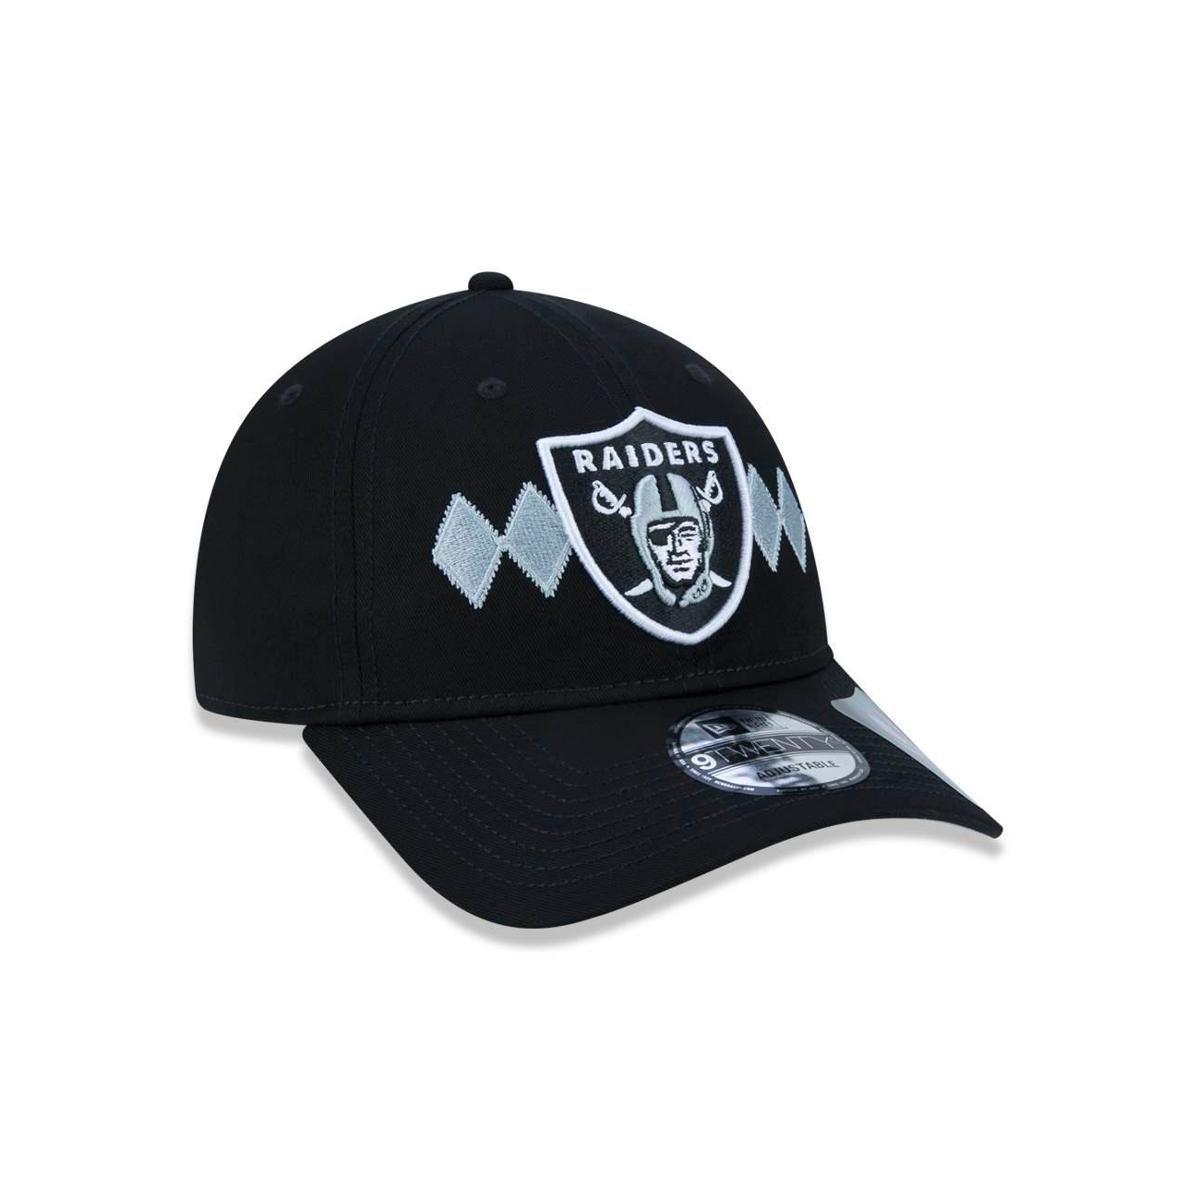 Boné 920 Oakland Raiders NFL Aba Curva New Era - Preto - Compre ... 08e1110db0f